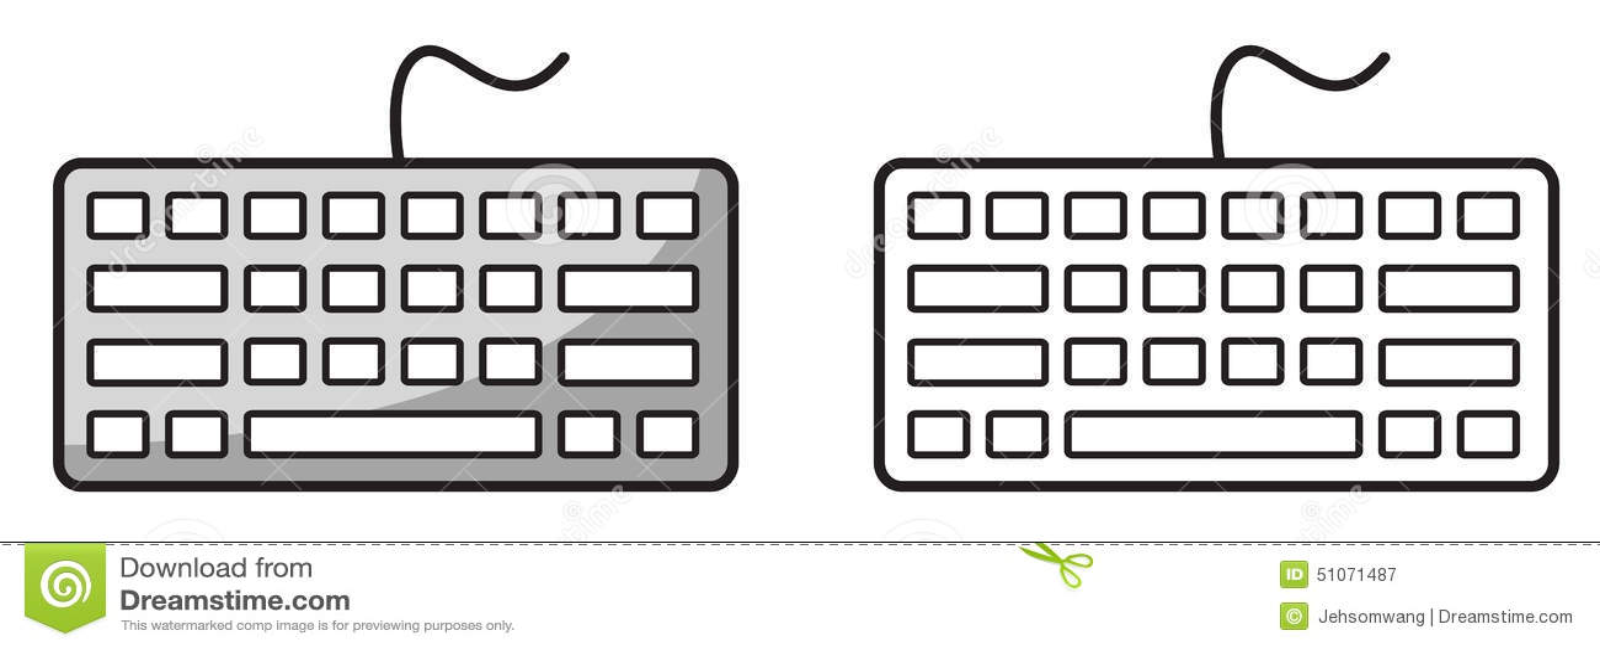 Teclado Colorido Y Blanco Y Negro Para El Libro De Colorear